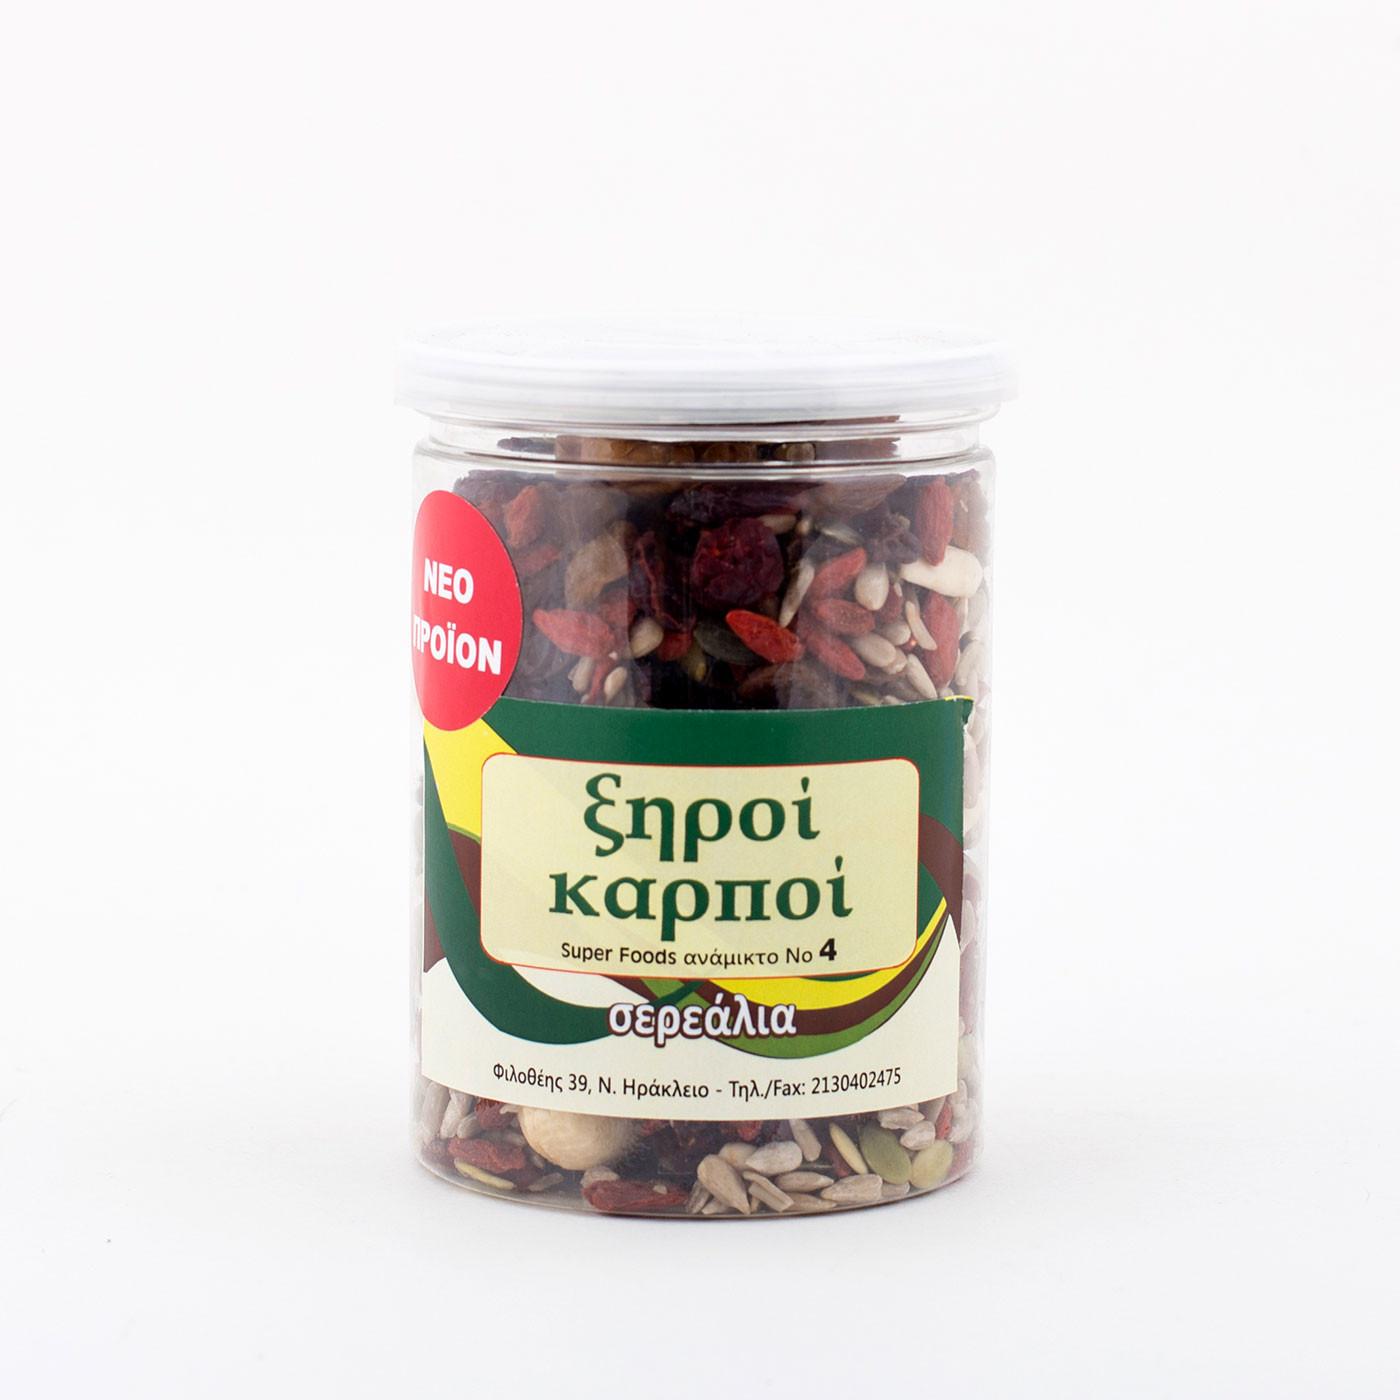 """Ξηροί καρποί Super foods ανάμικτο Νο4""""Σερεάλια"""" 225 γρ"""